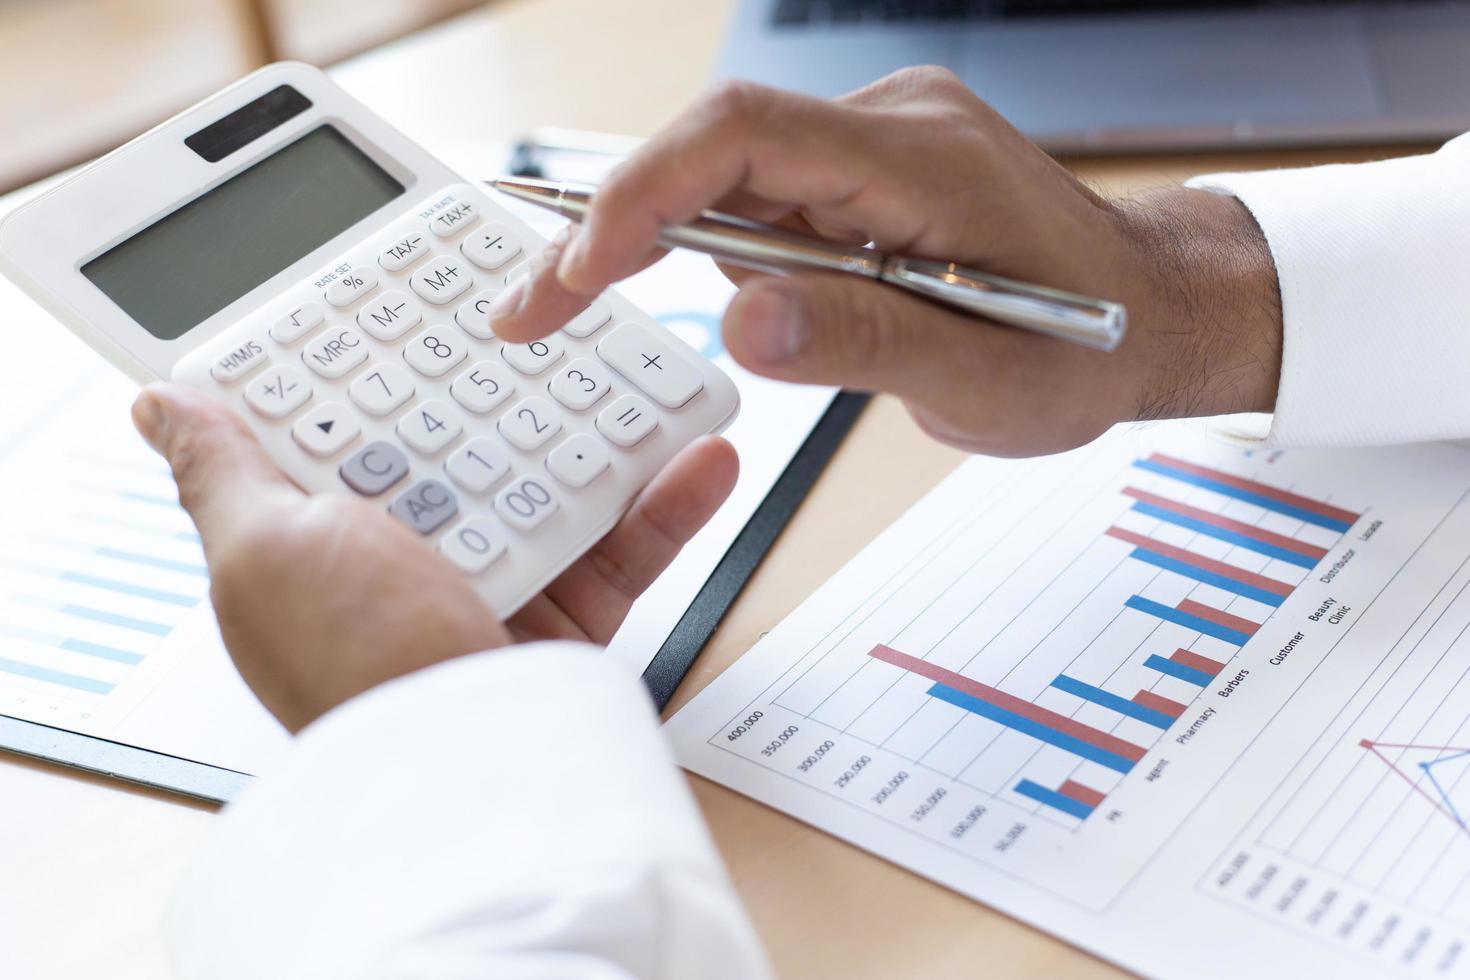 affärsman som sitter vid skrivbordet och beräknar ekonomiska vinster foto